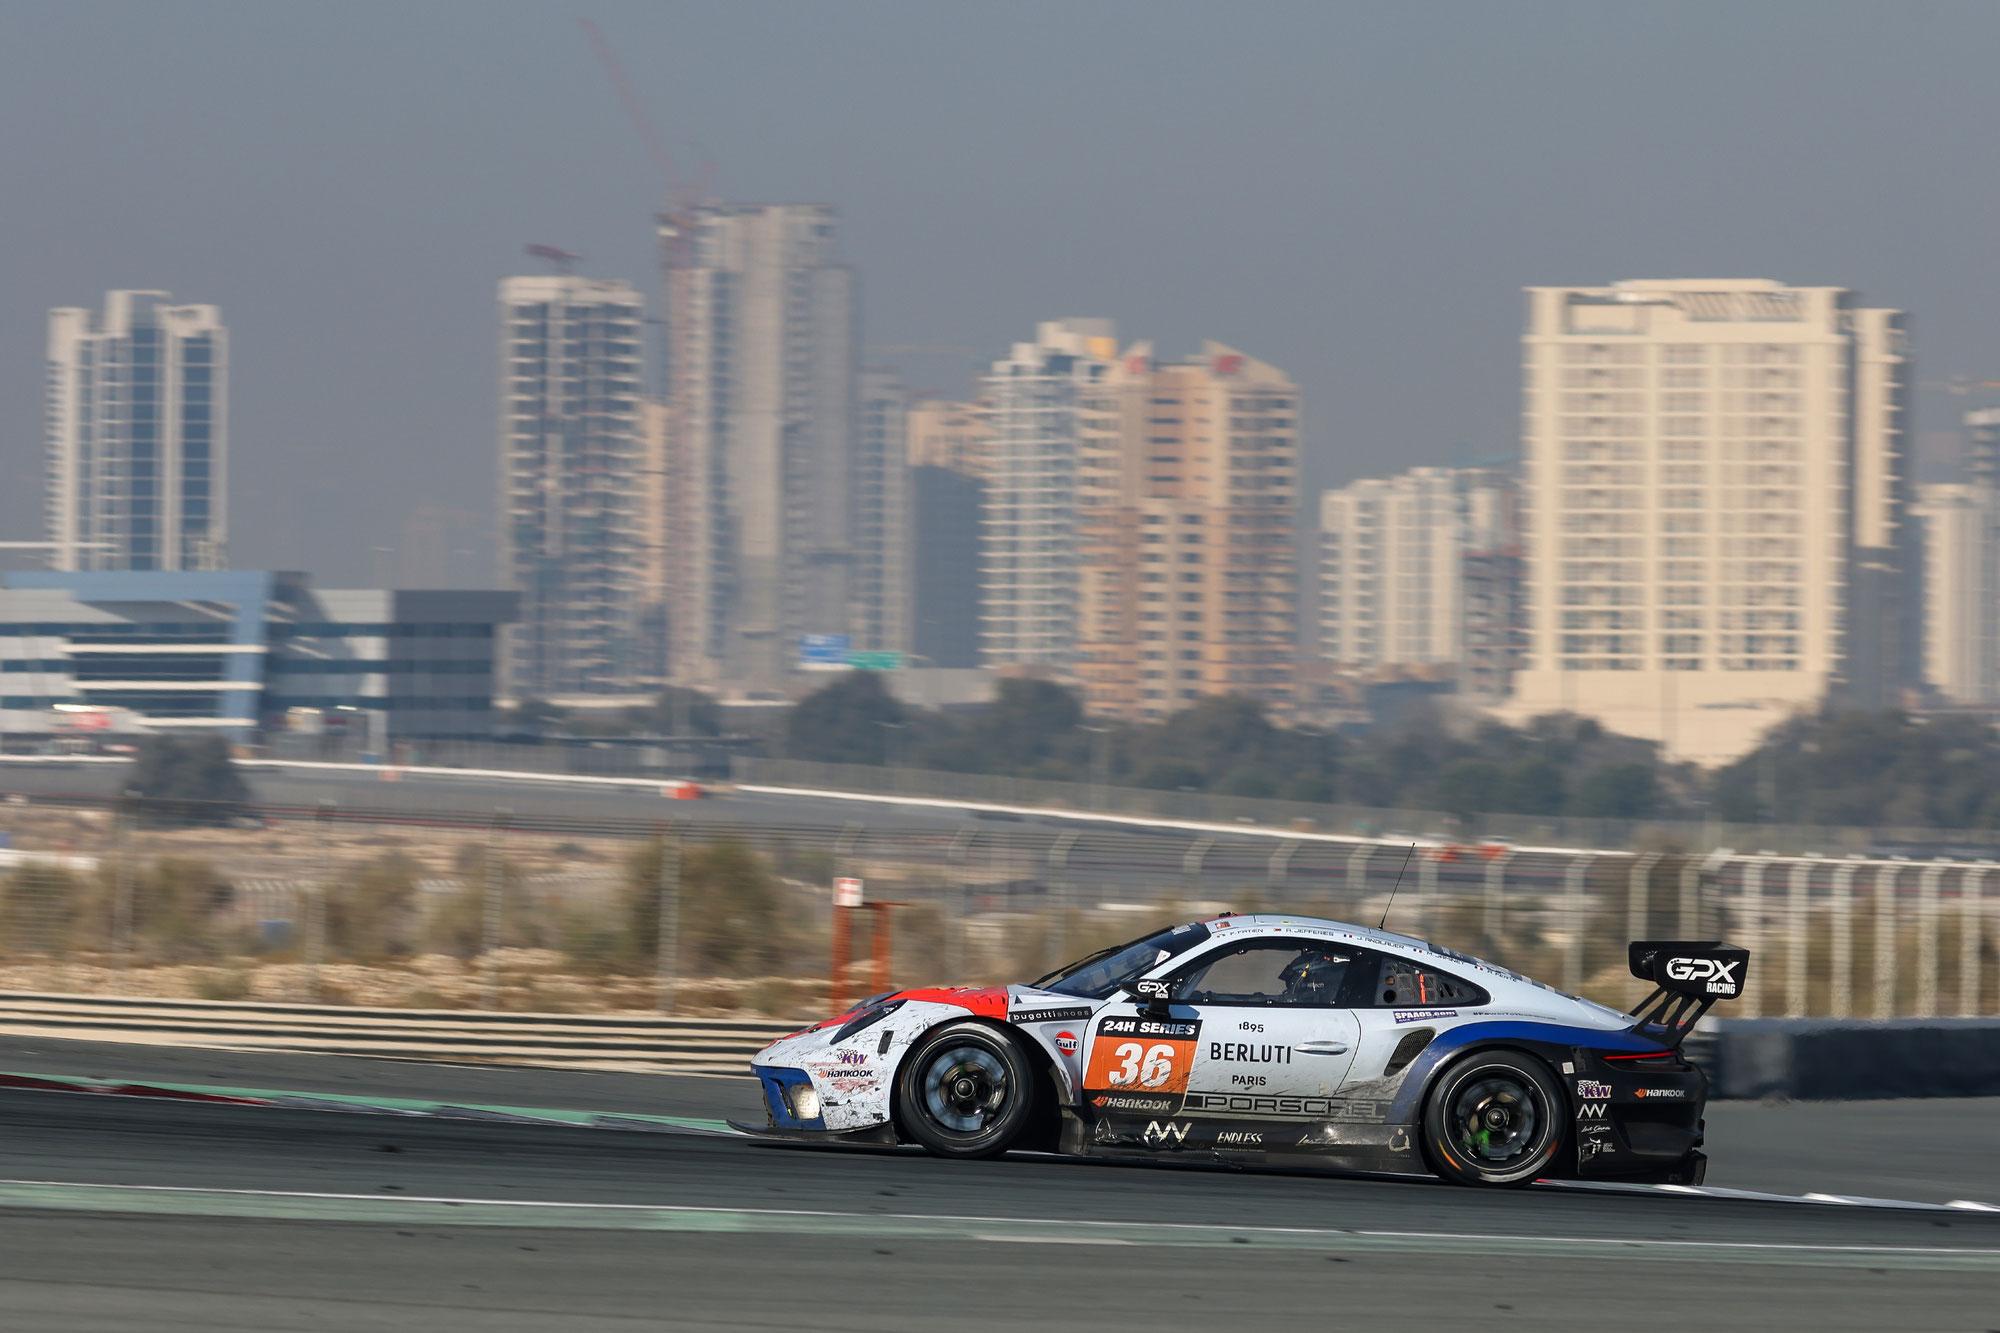 GPX Racing feiert Heimsieg bei den Hankook 24H DUBAI 2021